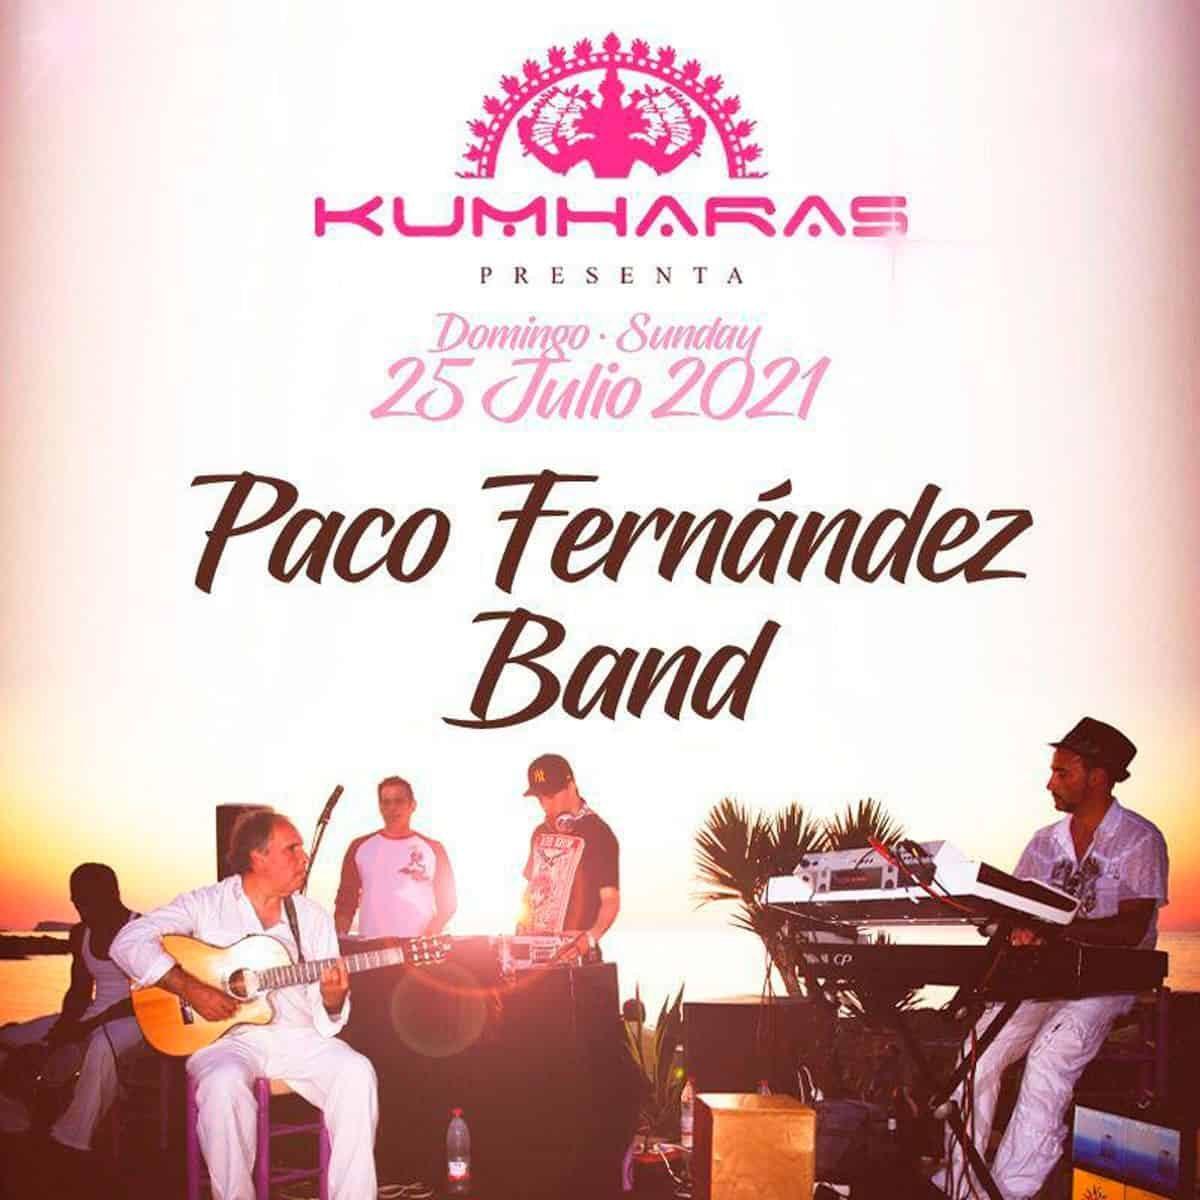 paco-fernandez-band-Kumharas-Eivissa-2021-welcometoibiza